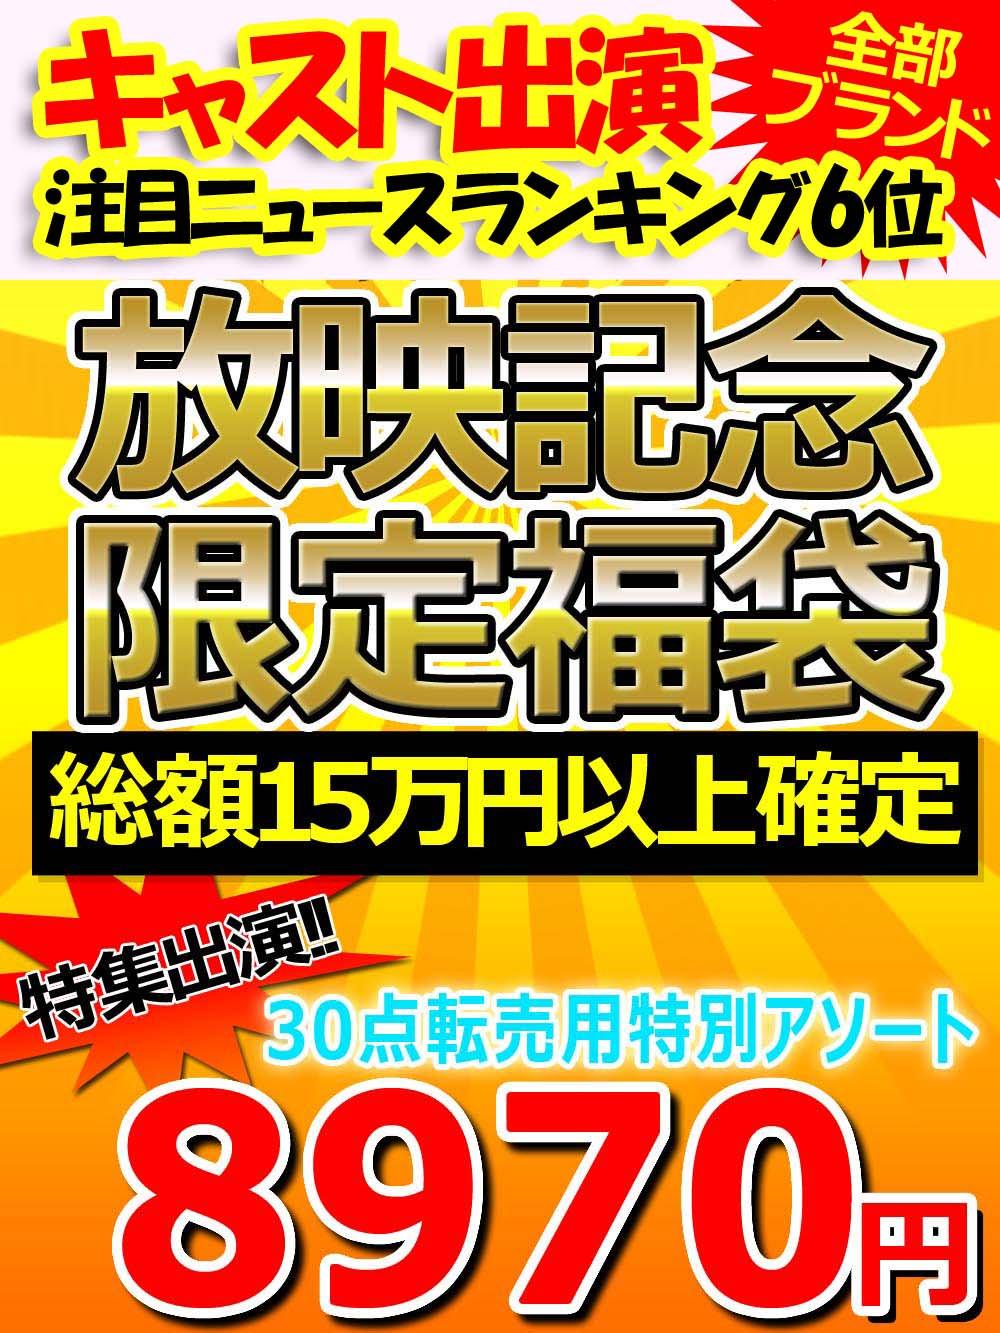 【グッドモーニング!放映記念】上代15万円確定!特別ブランド福袋 転売用アソート【30点】@299